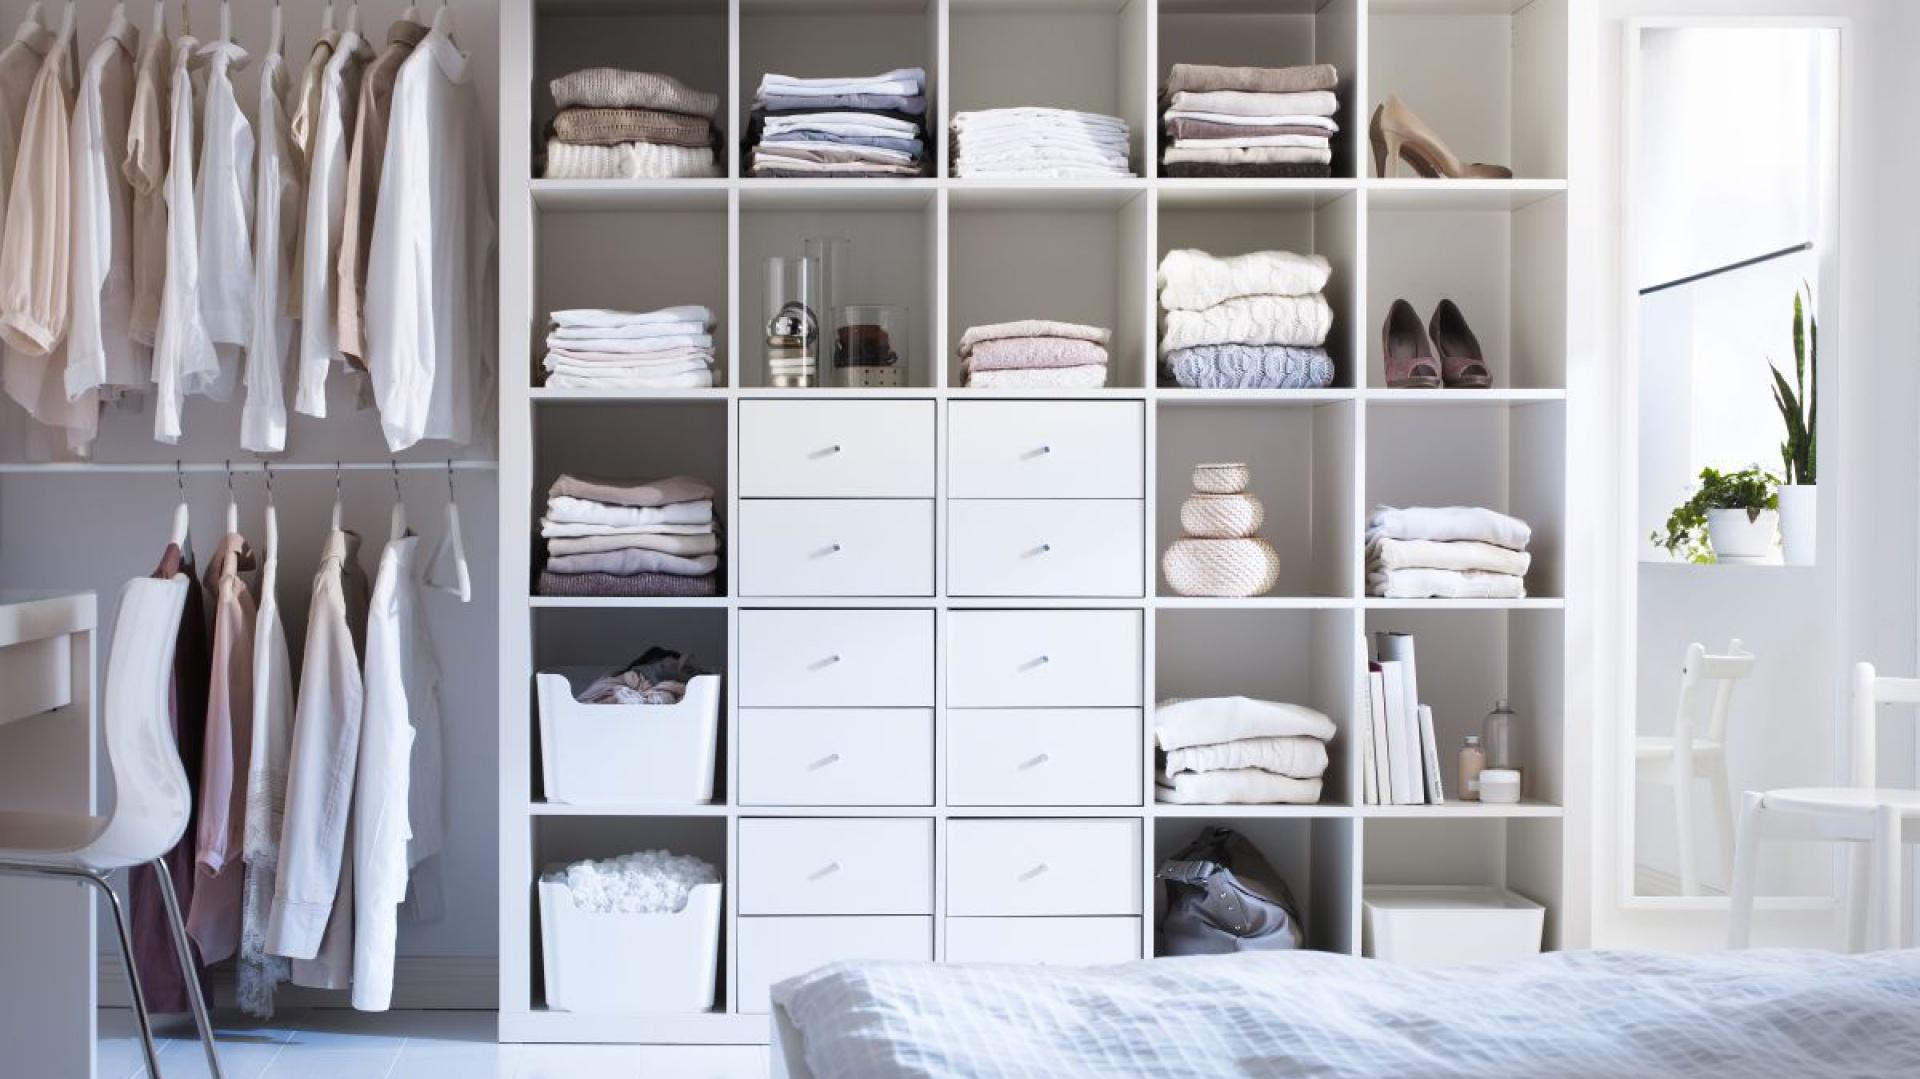 Garderobę na mniejszej przestrzeni możemy złożyć z poszczególnych elementów. Na zdjęciu: regał Expedit z wkładami zawierającymi szuflady oraz przymocowane do ściany drążki na ubrania. Fot. IKEA